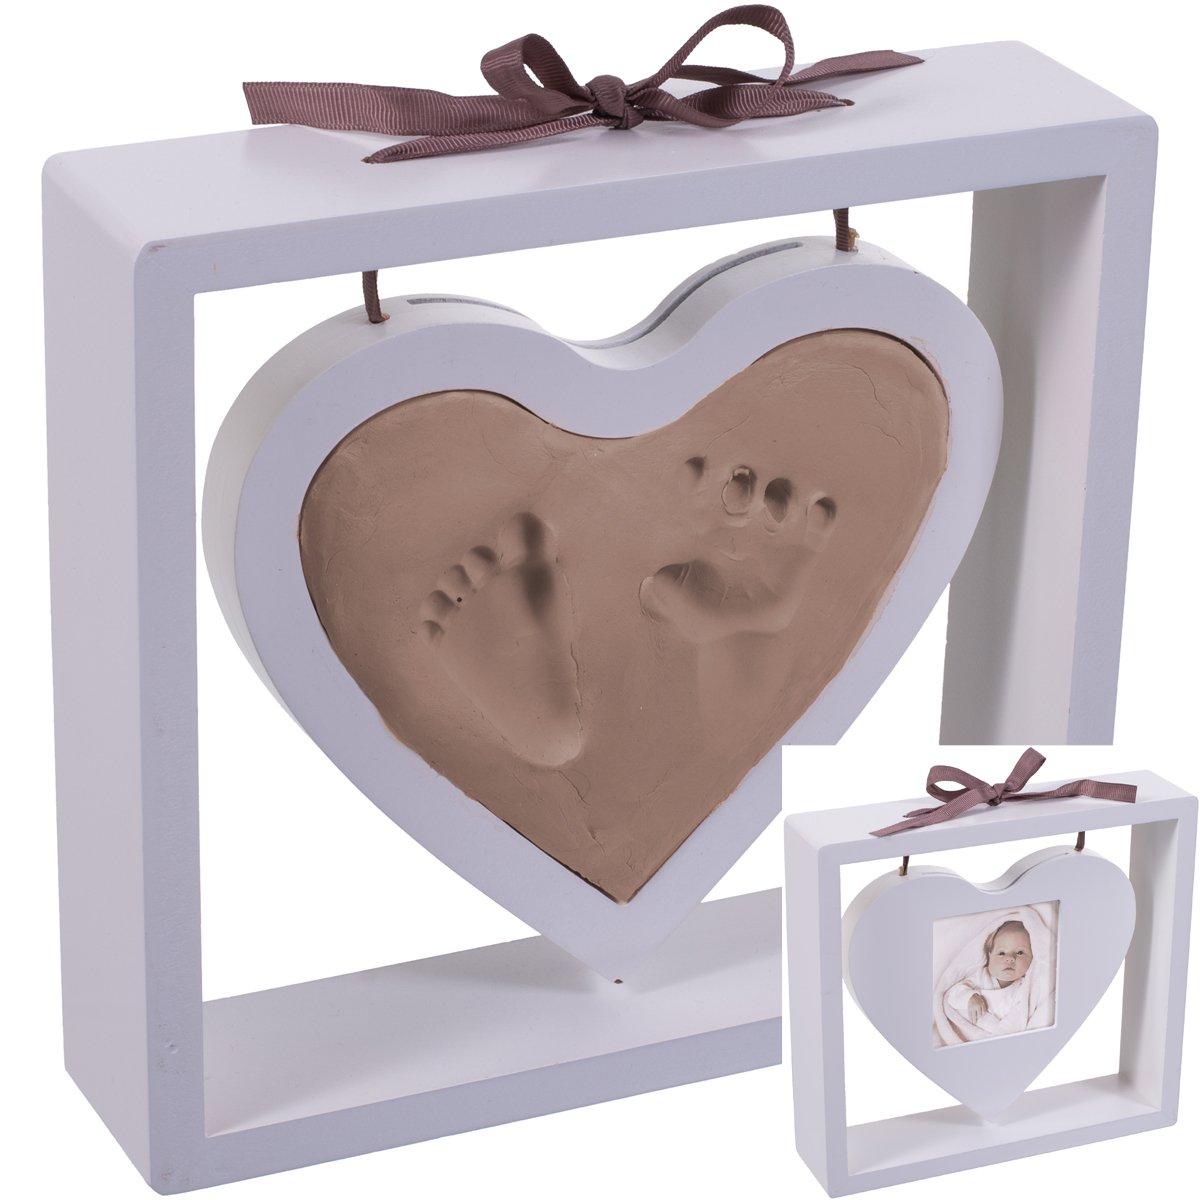 22cm Abdruck-Set und Holz Bilderrahmen Herz zum Aufstellen | Baby Hand Fuß Modellier Masse Weiss H-Bieco